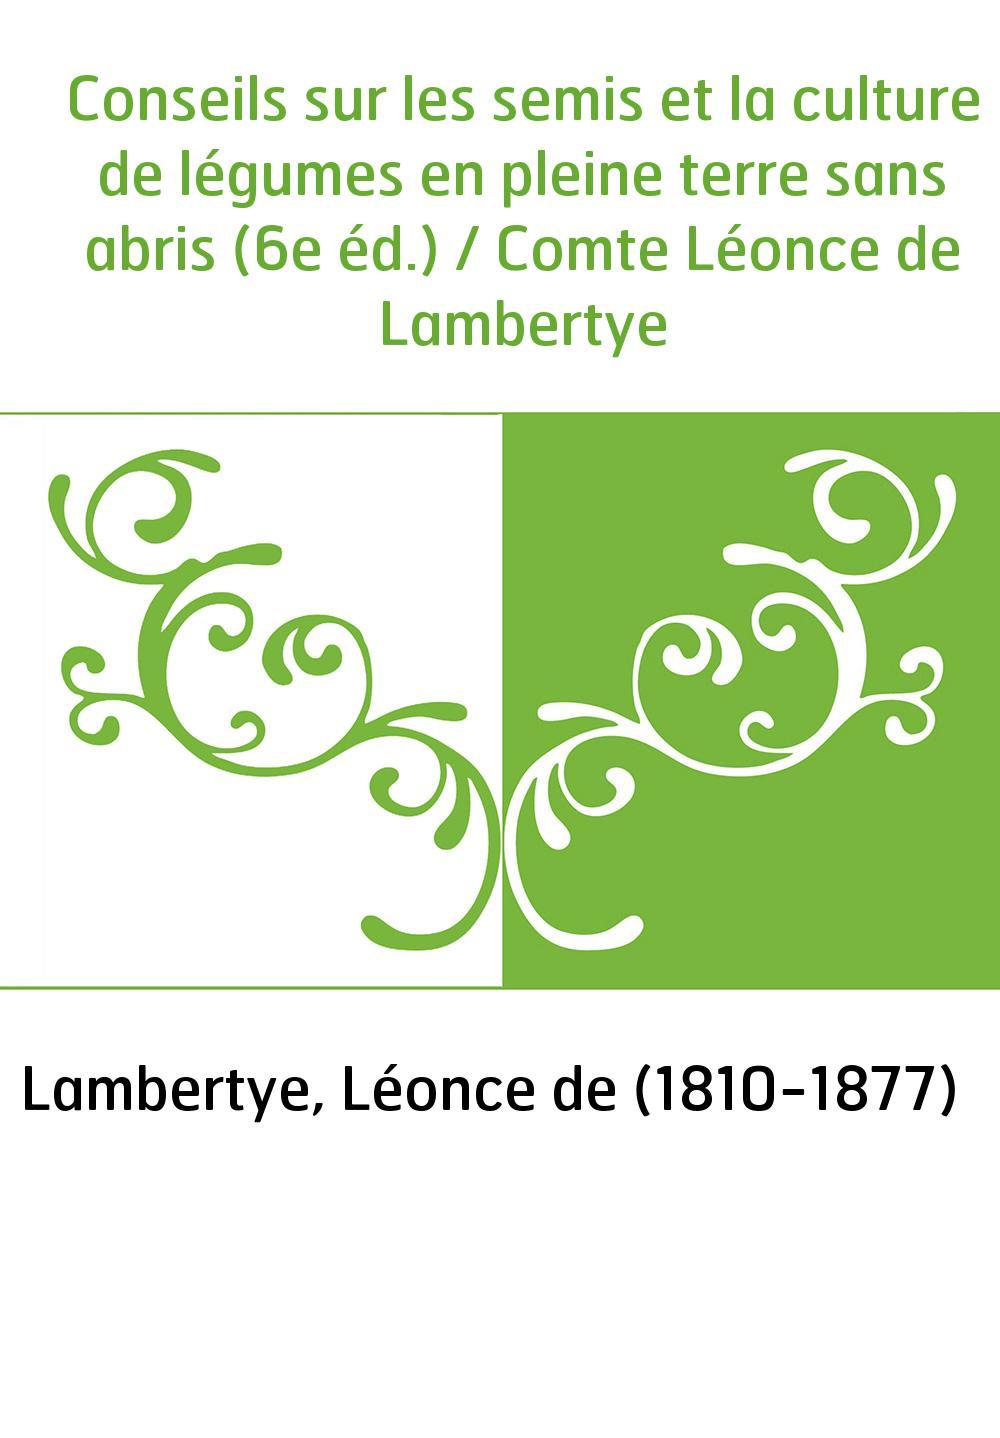 Conseils sur les semis et la culture de légumes en pleine terre sans abris (6e éd.) / Comte Léonce de Lambertye